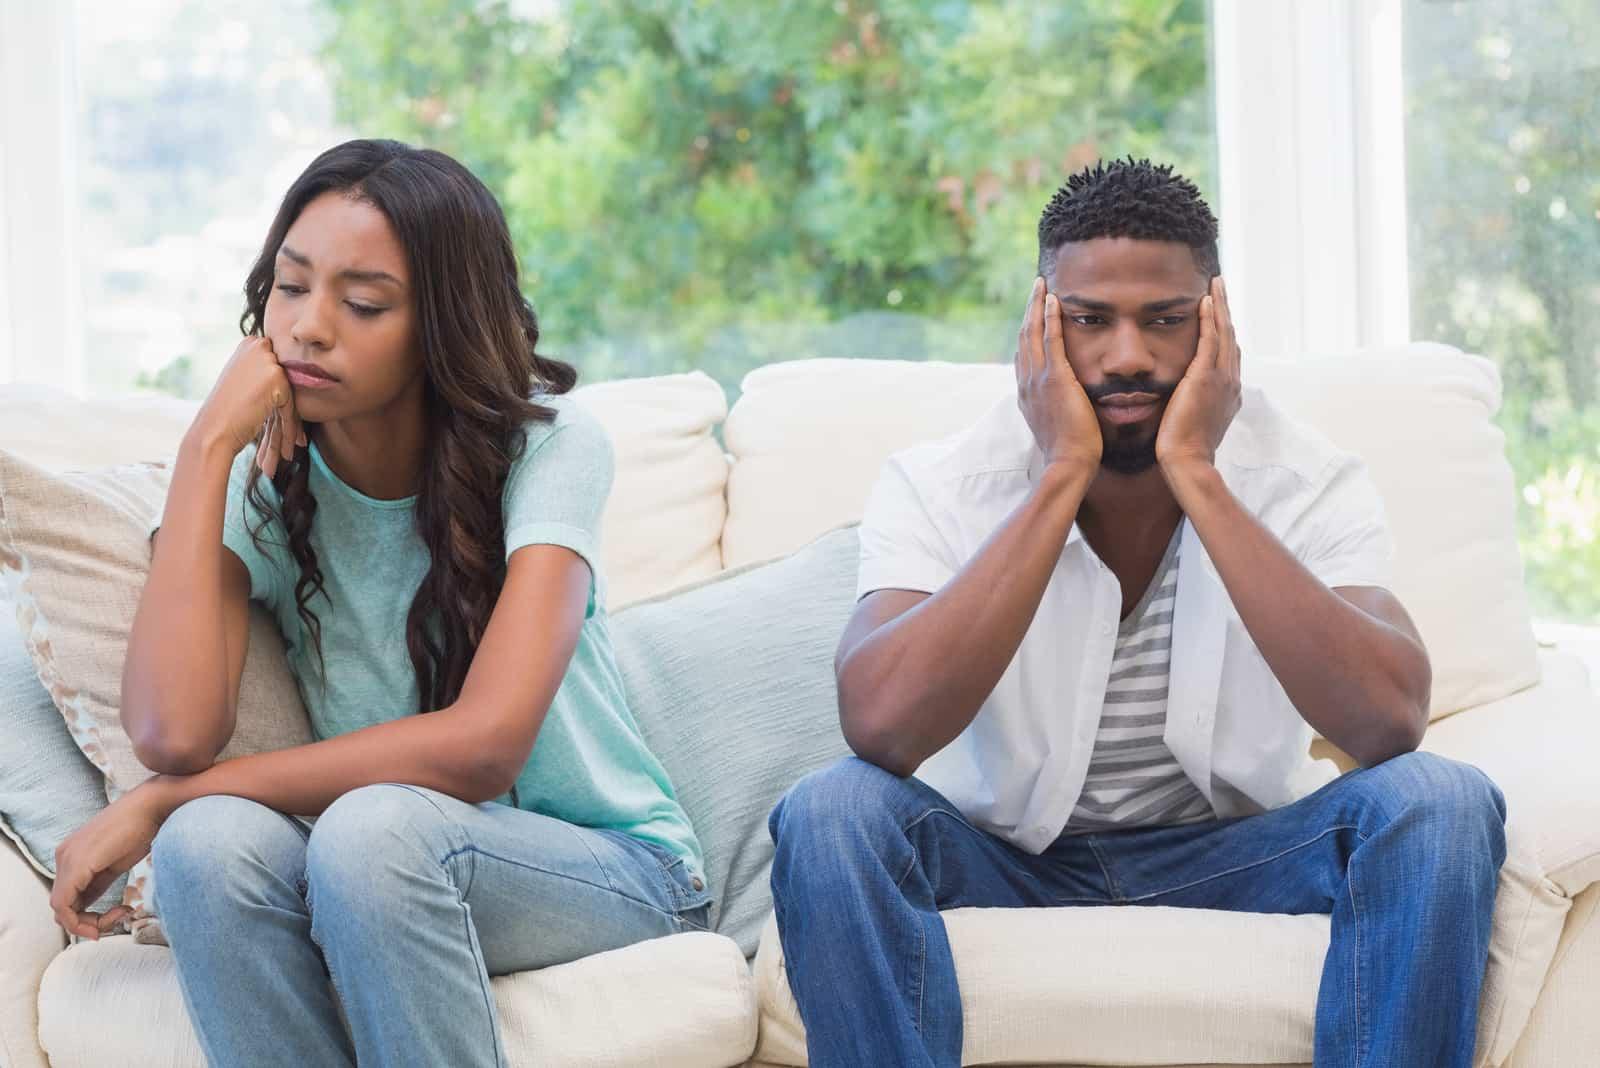 femme triste aux cheveux bouclés et homme assis sur un canapé